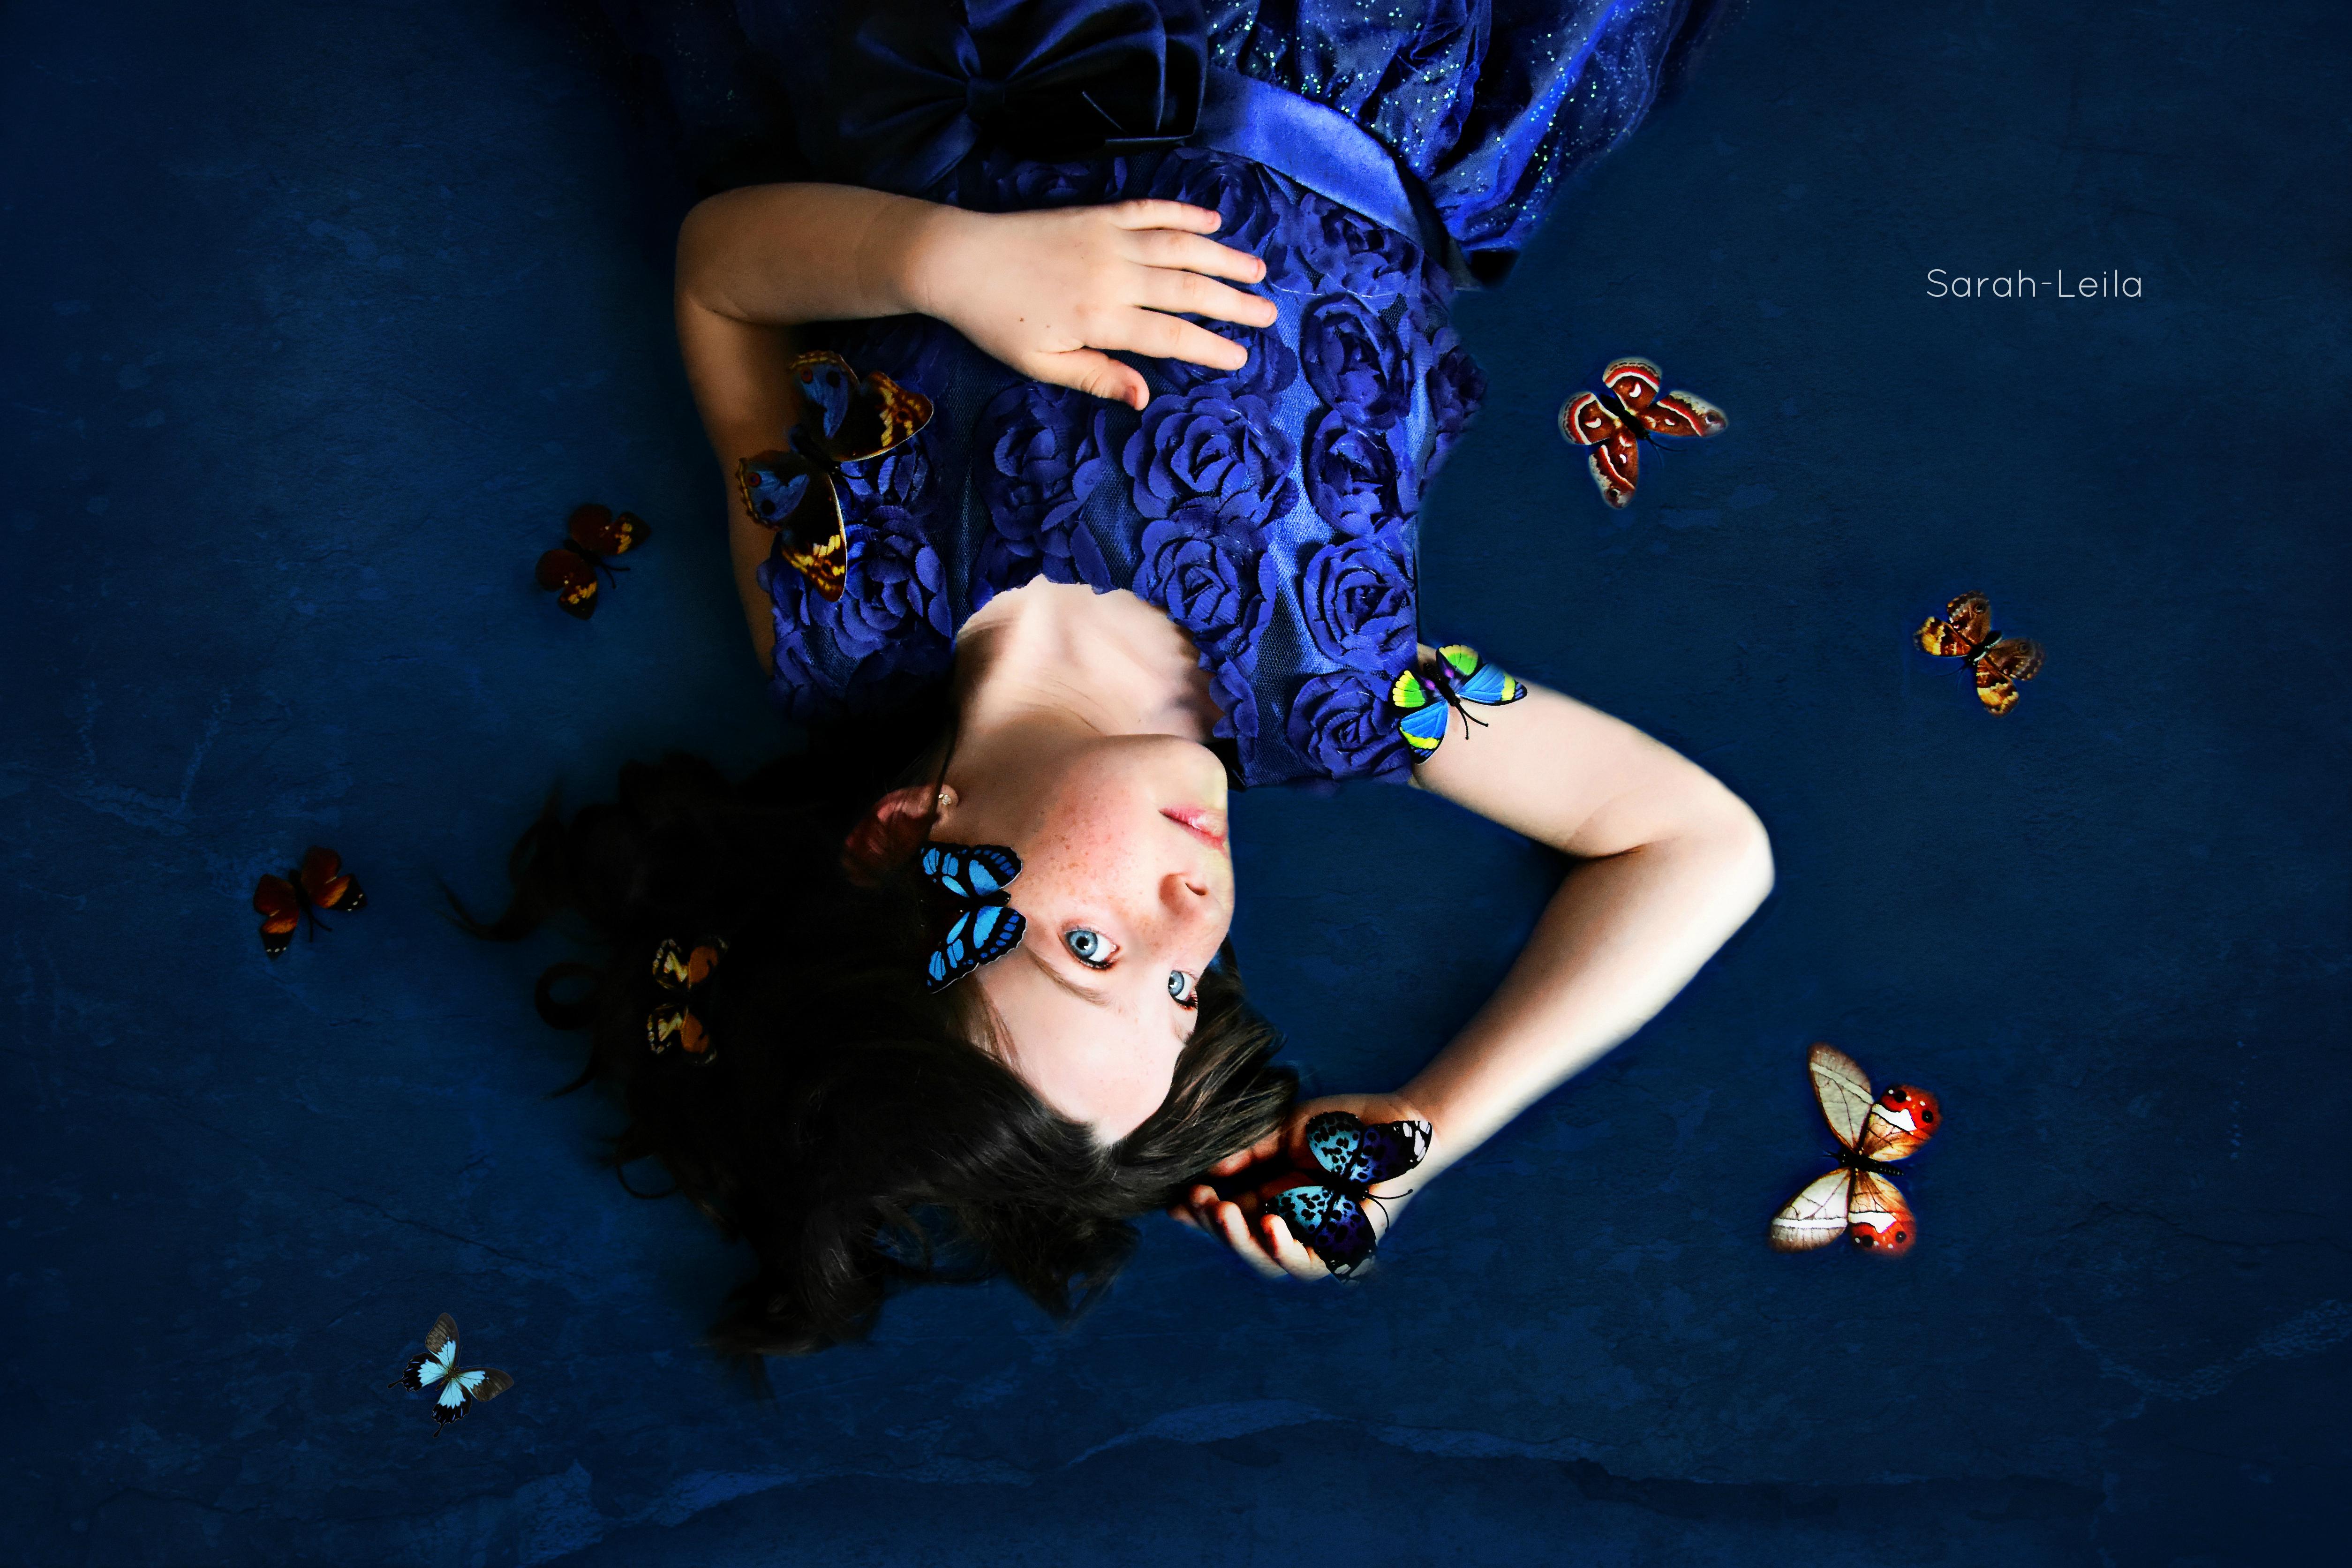 Sarah-Leila Photographie /Galerie Enfants